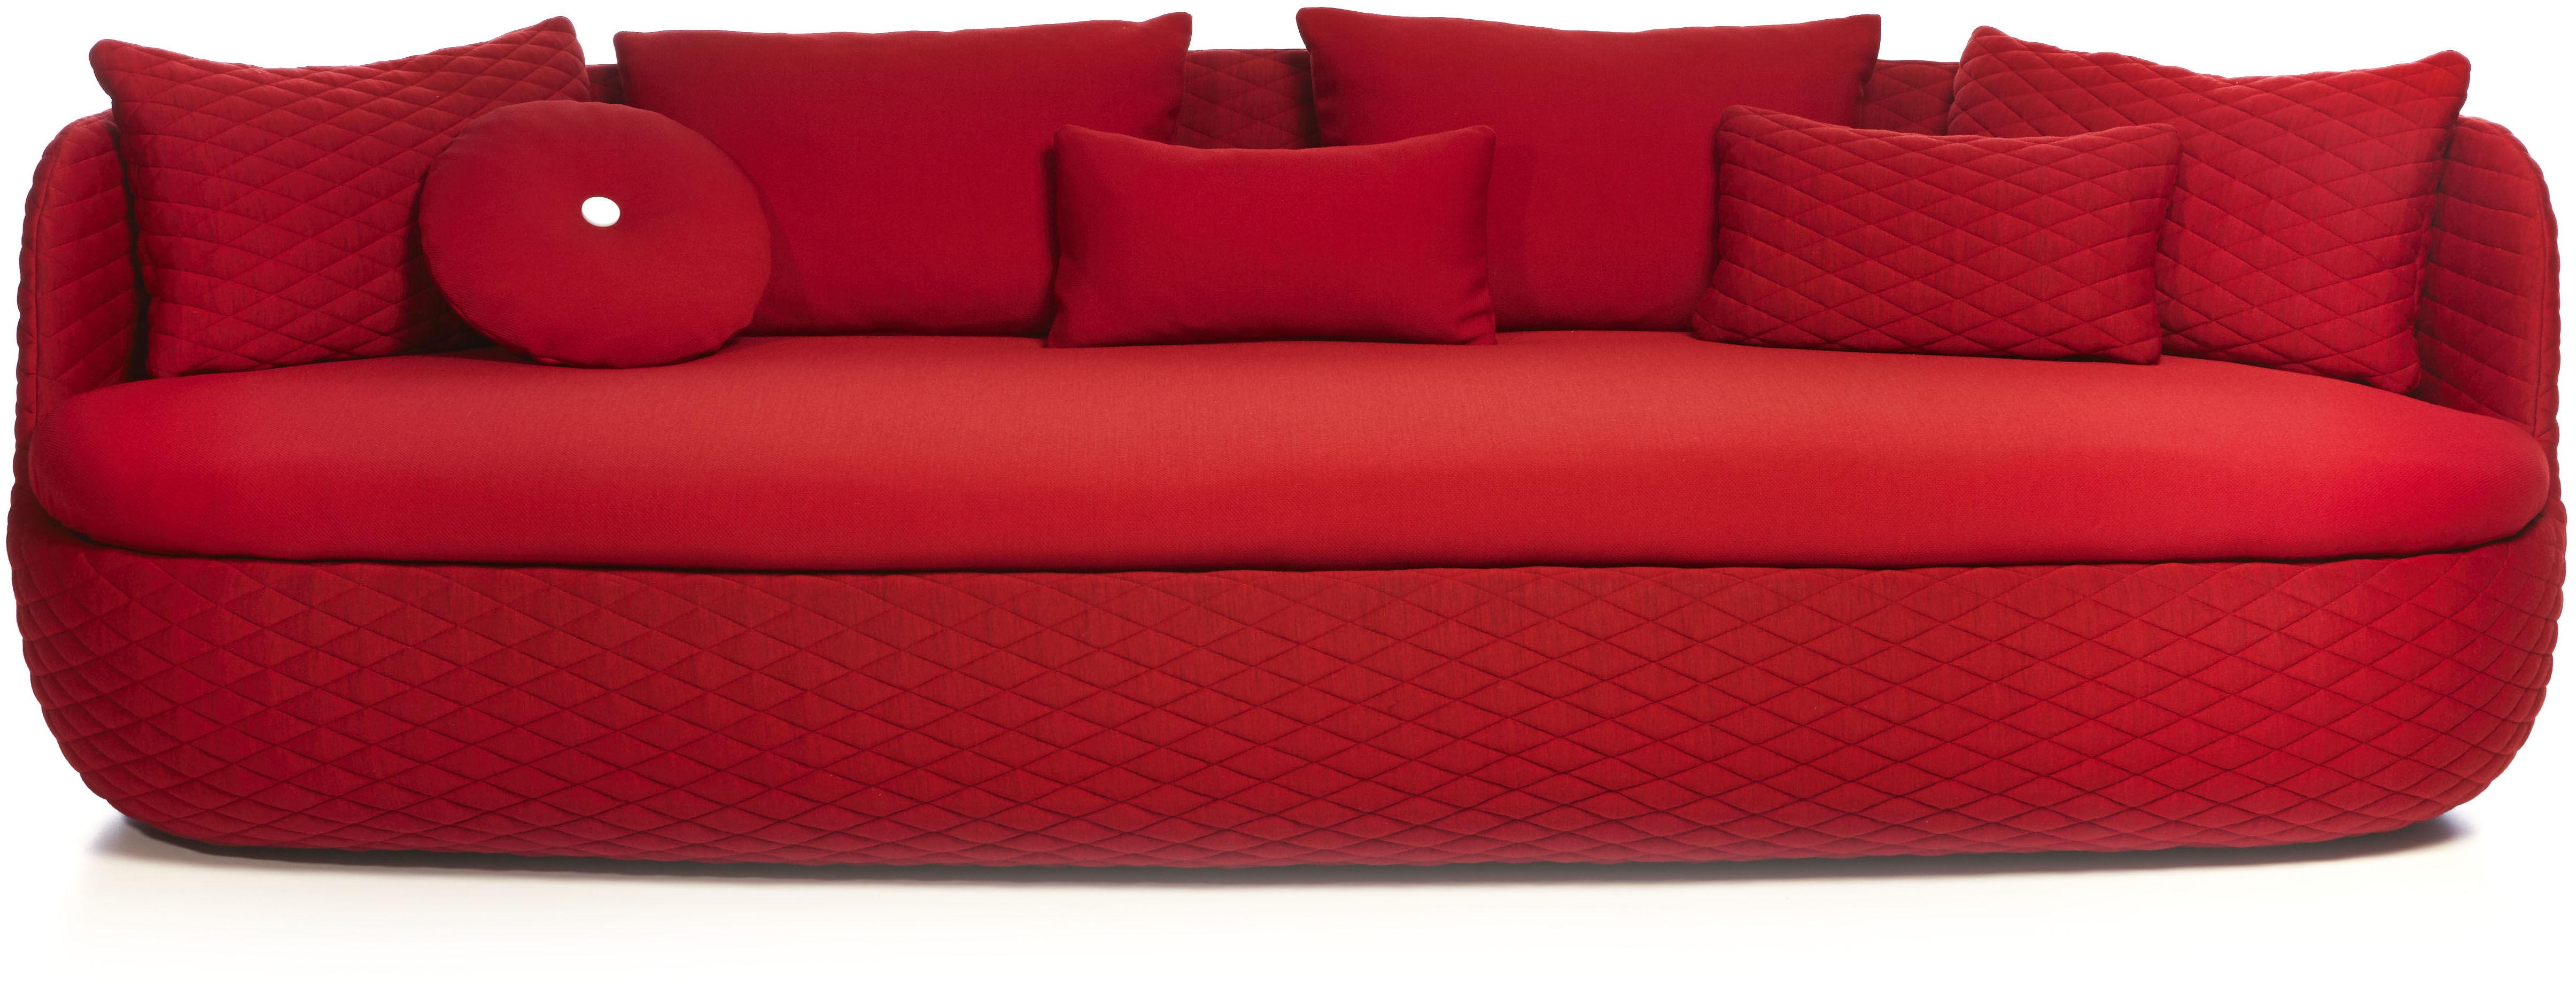 Arredamento - Divani moderni - Divano destro Bart - / L 235 cm - Seduta profonde - Tessuto di Moooi - Rosso passione - Espanso, Legno, Tessuto